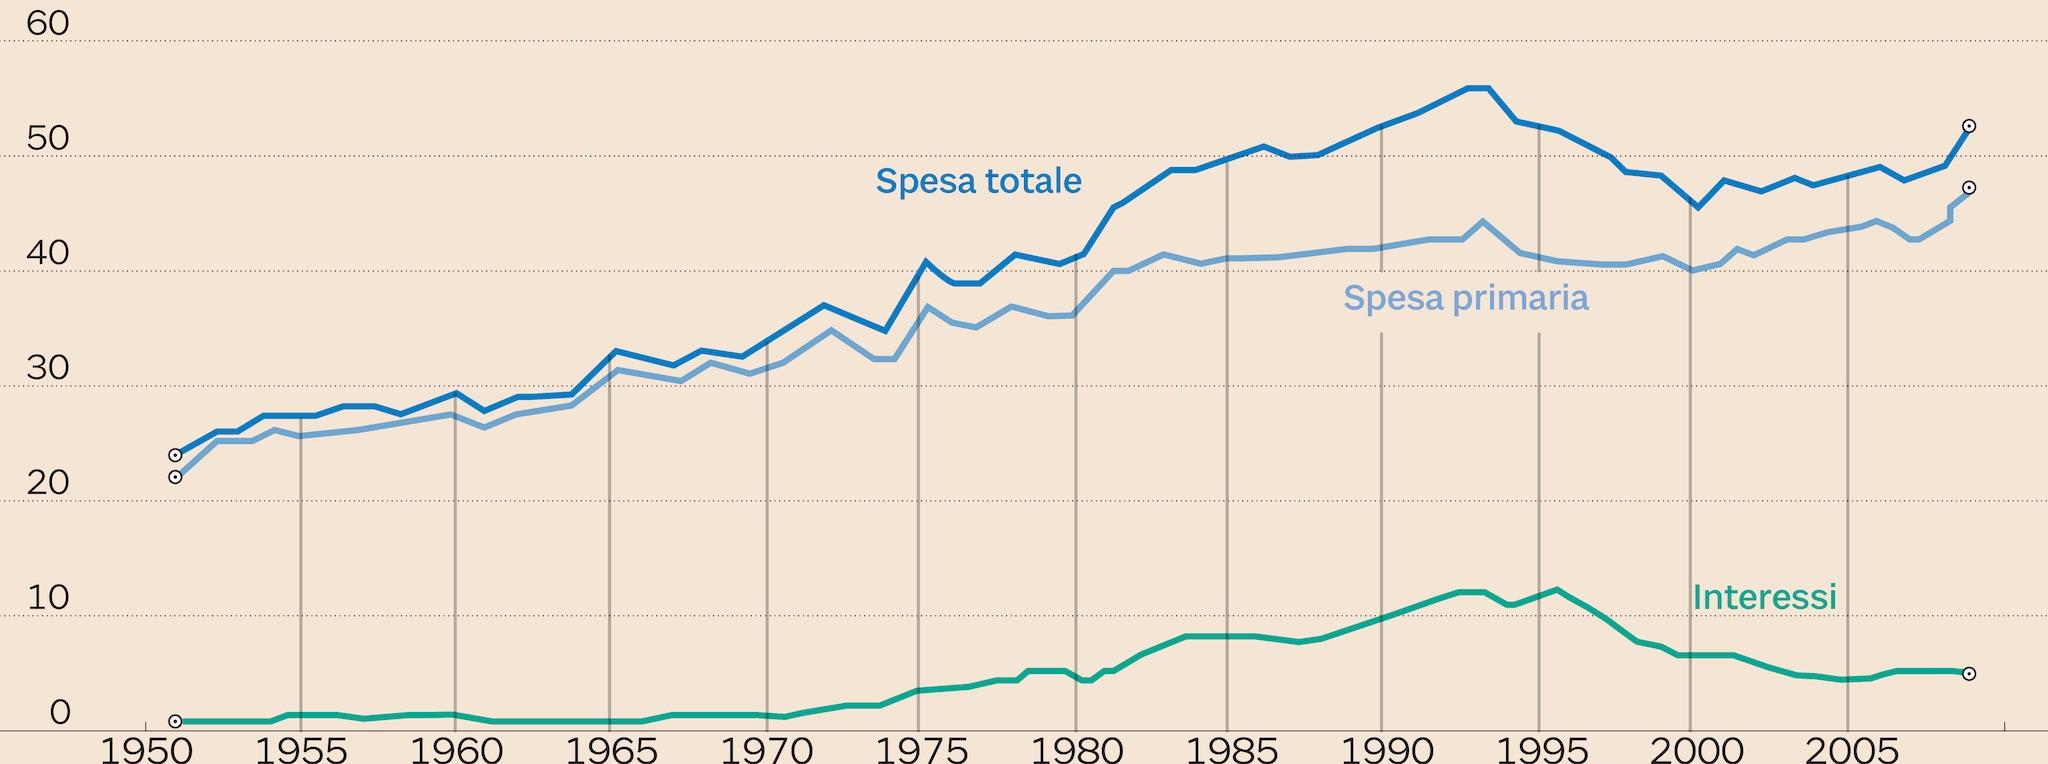 LA CRESCITA DELLA SPESA DAL 1950